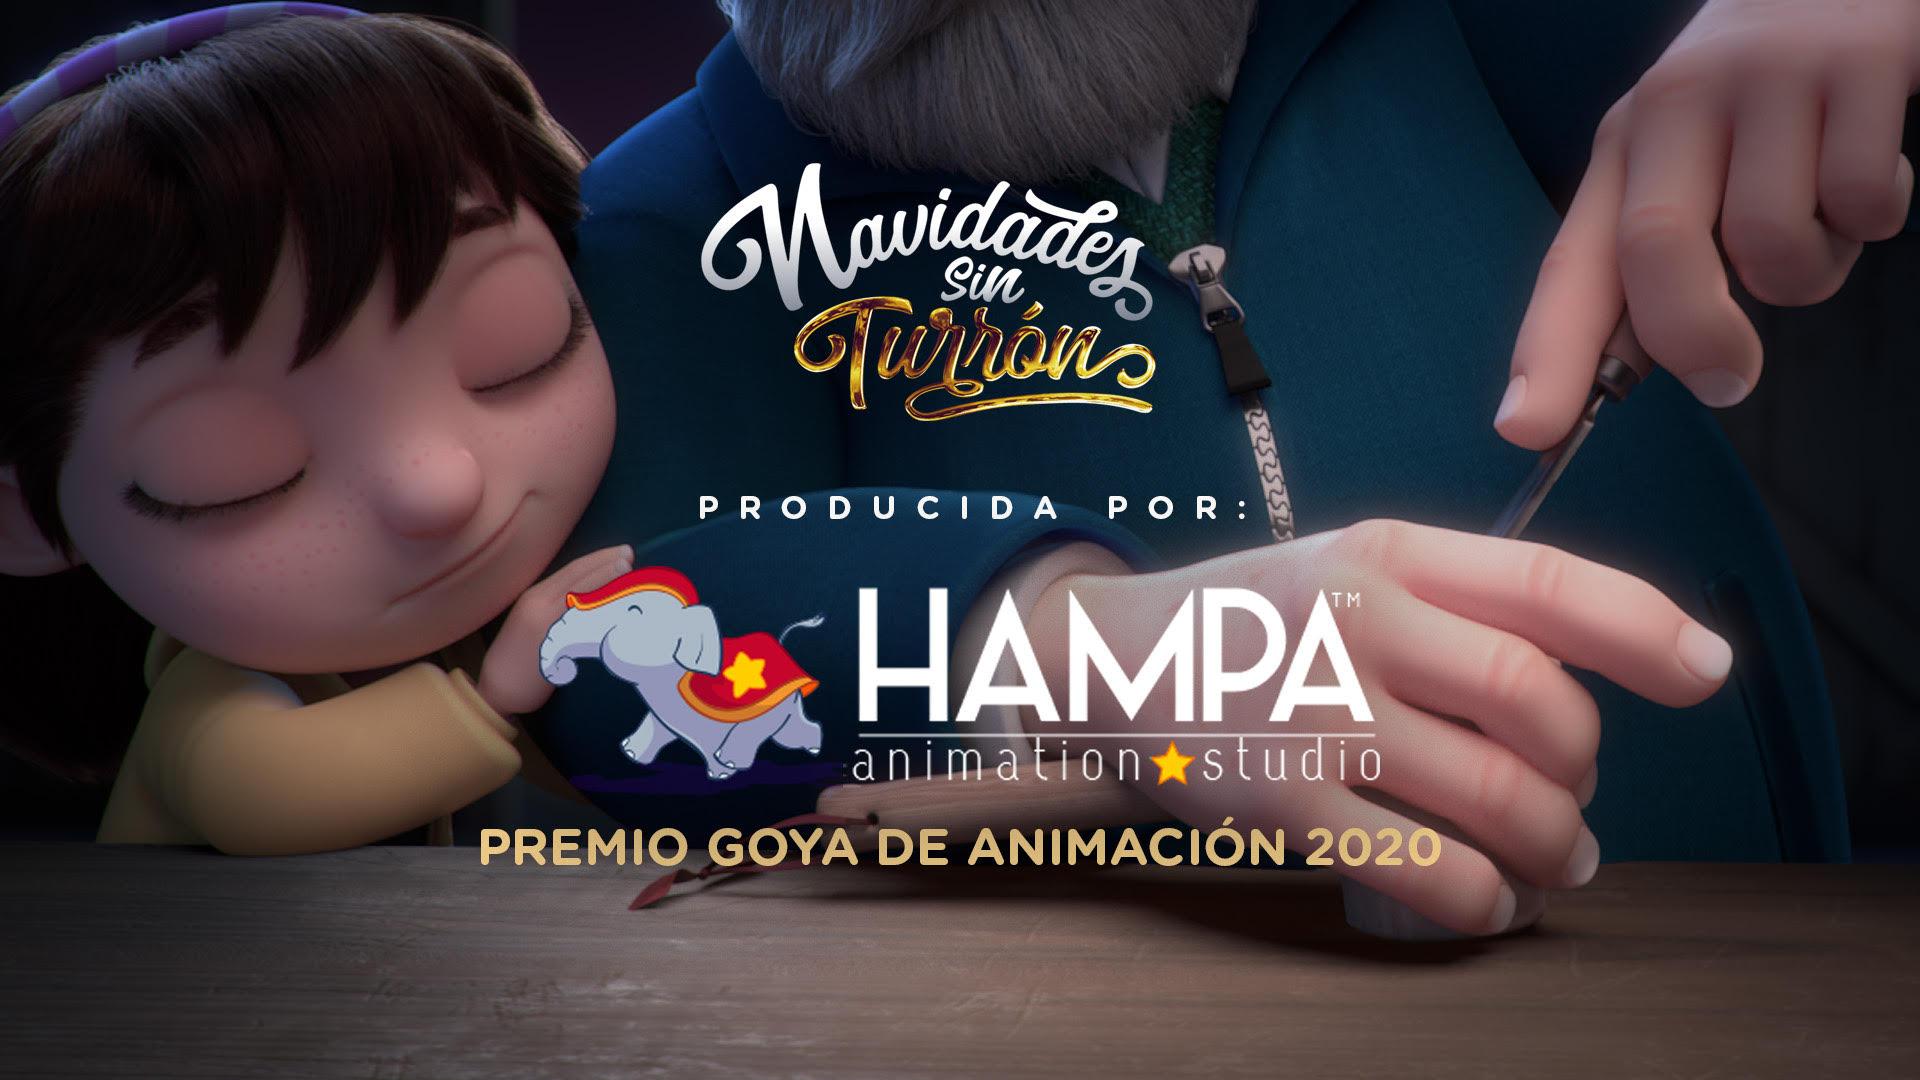 Hampa Animation Studio Goya animación 2020y